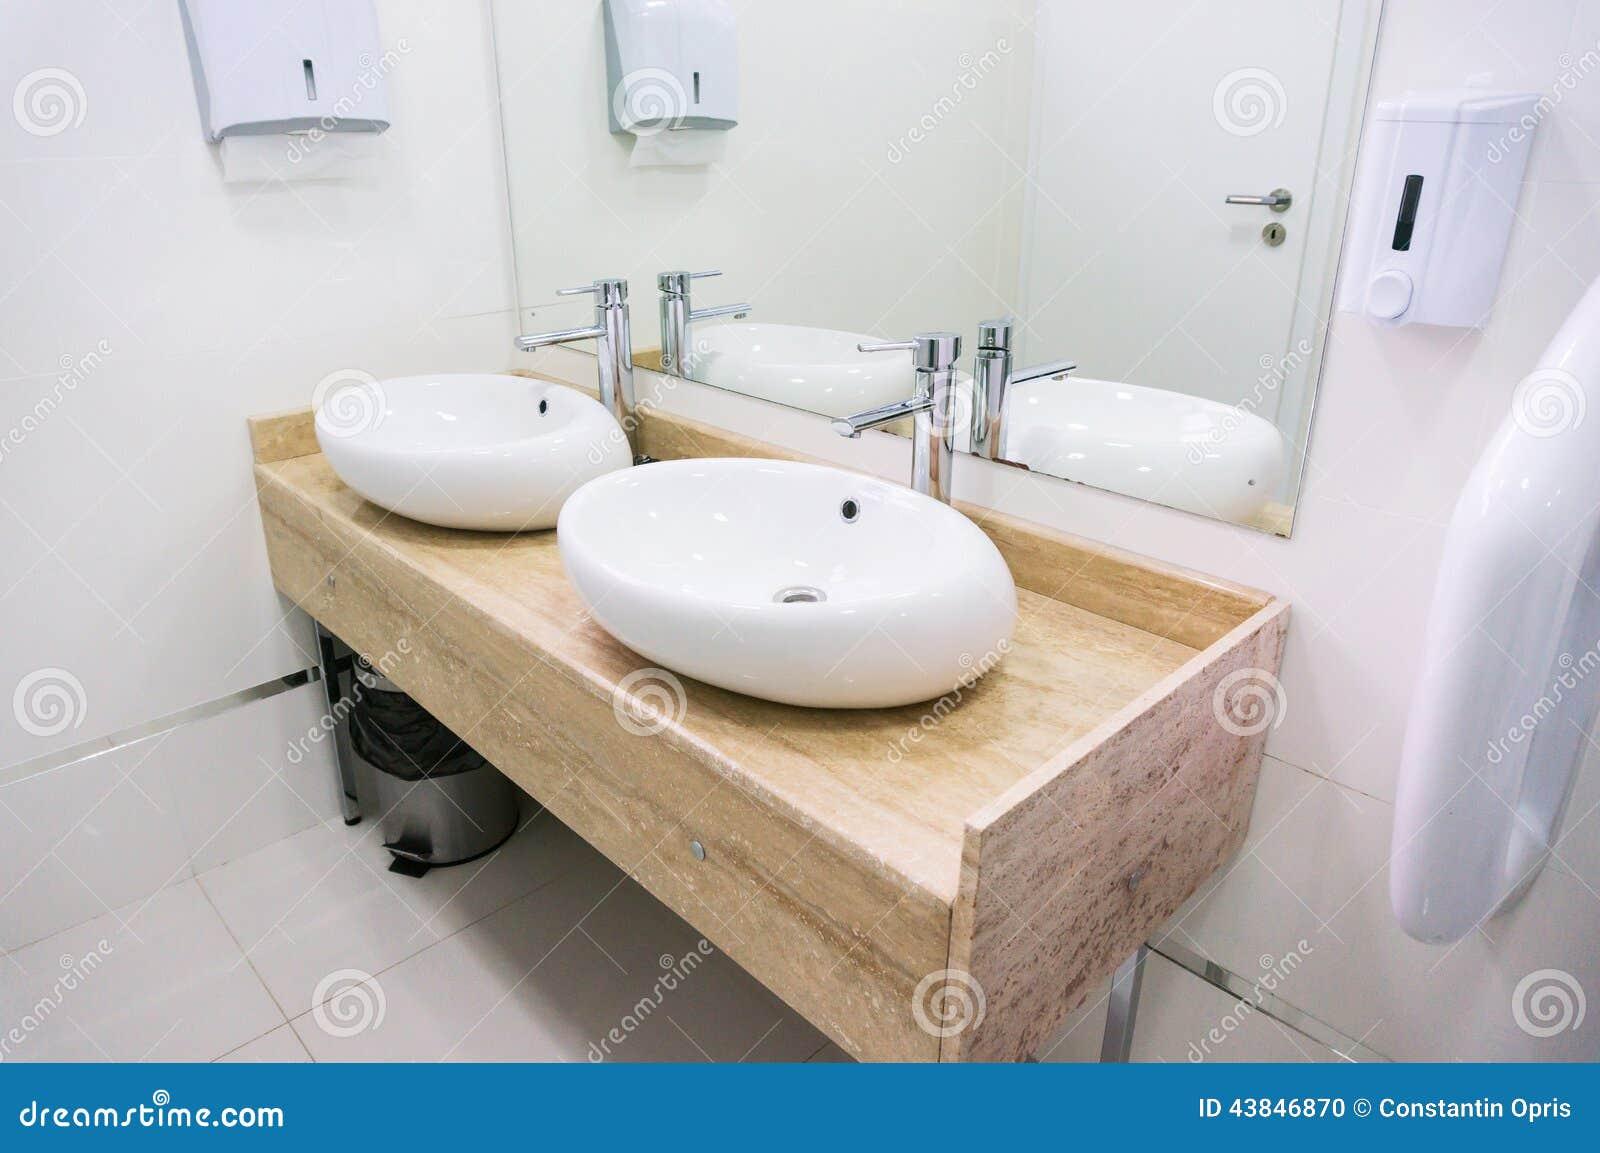 Kitchen Sink States